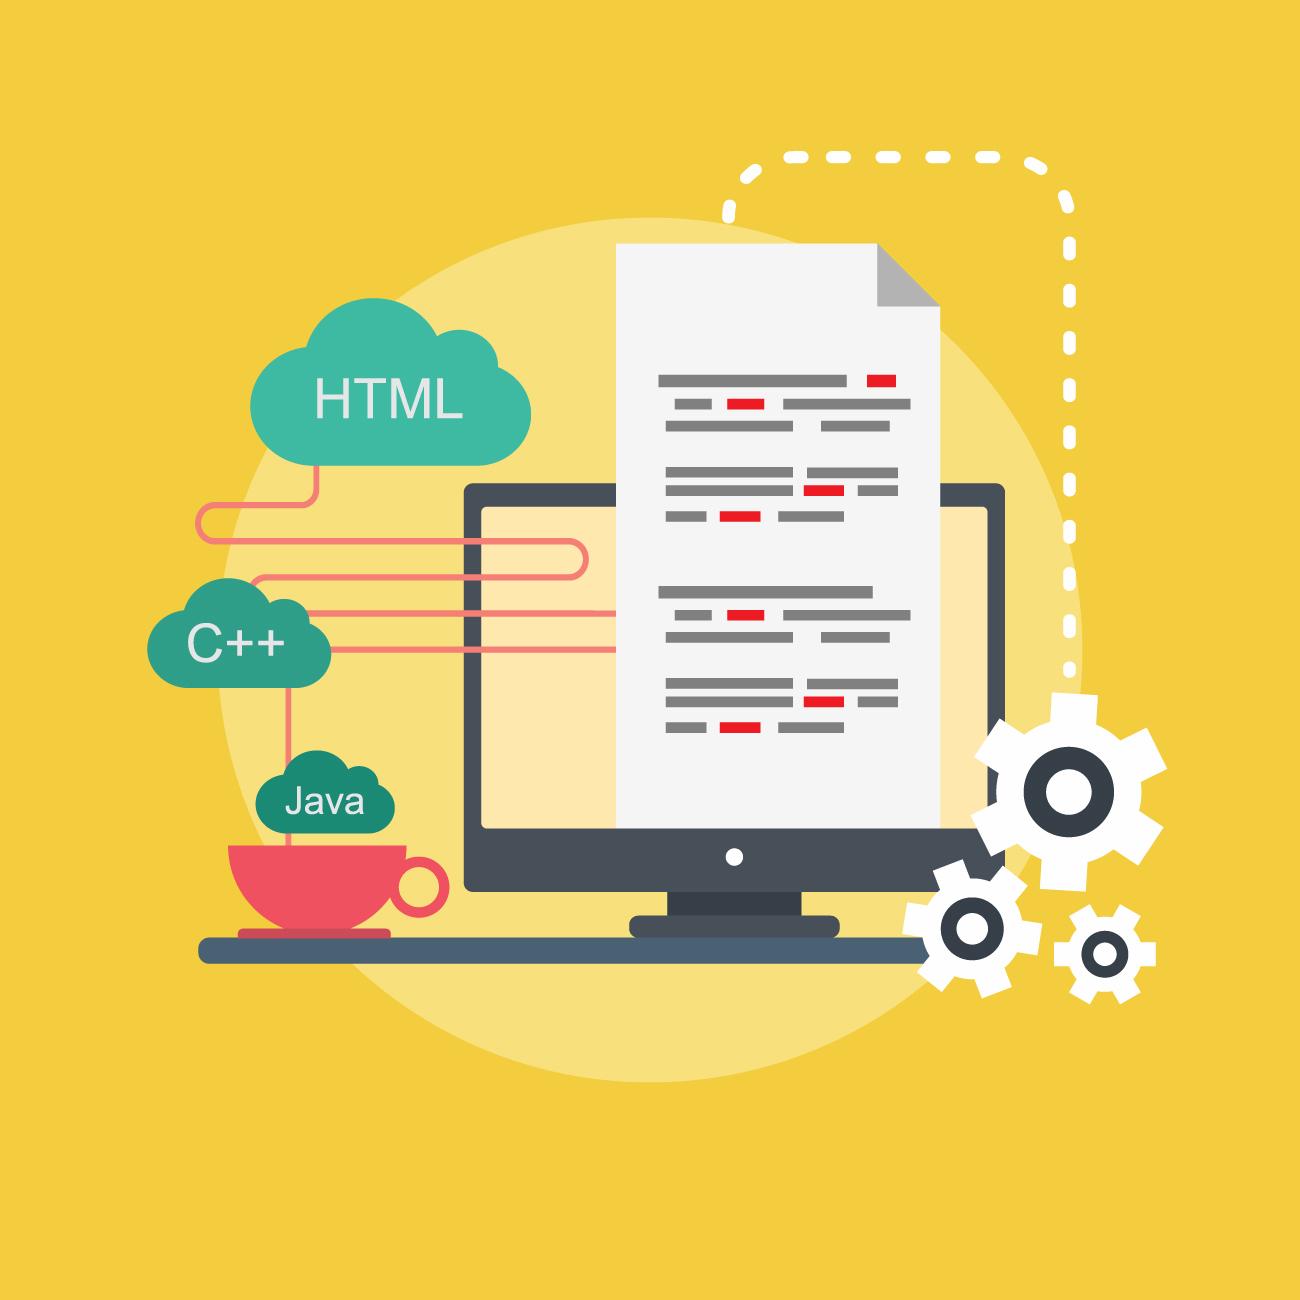 【初心者向け】HTML・CSSの勉強方法【3万円のWEB制作がこなせるまで】